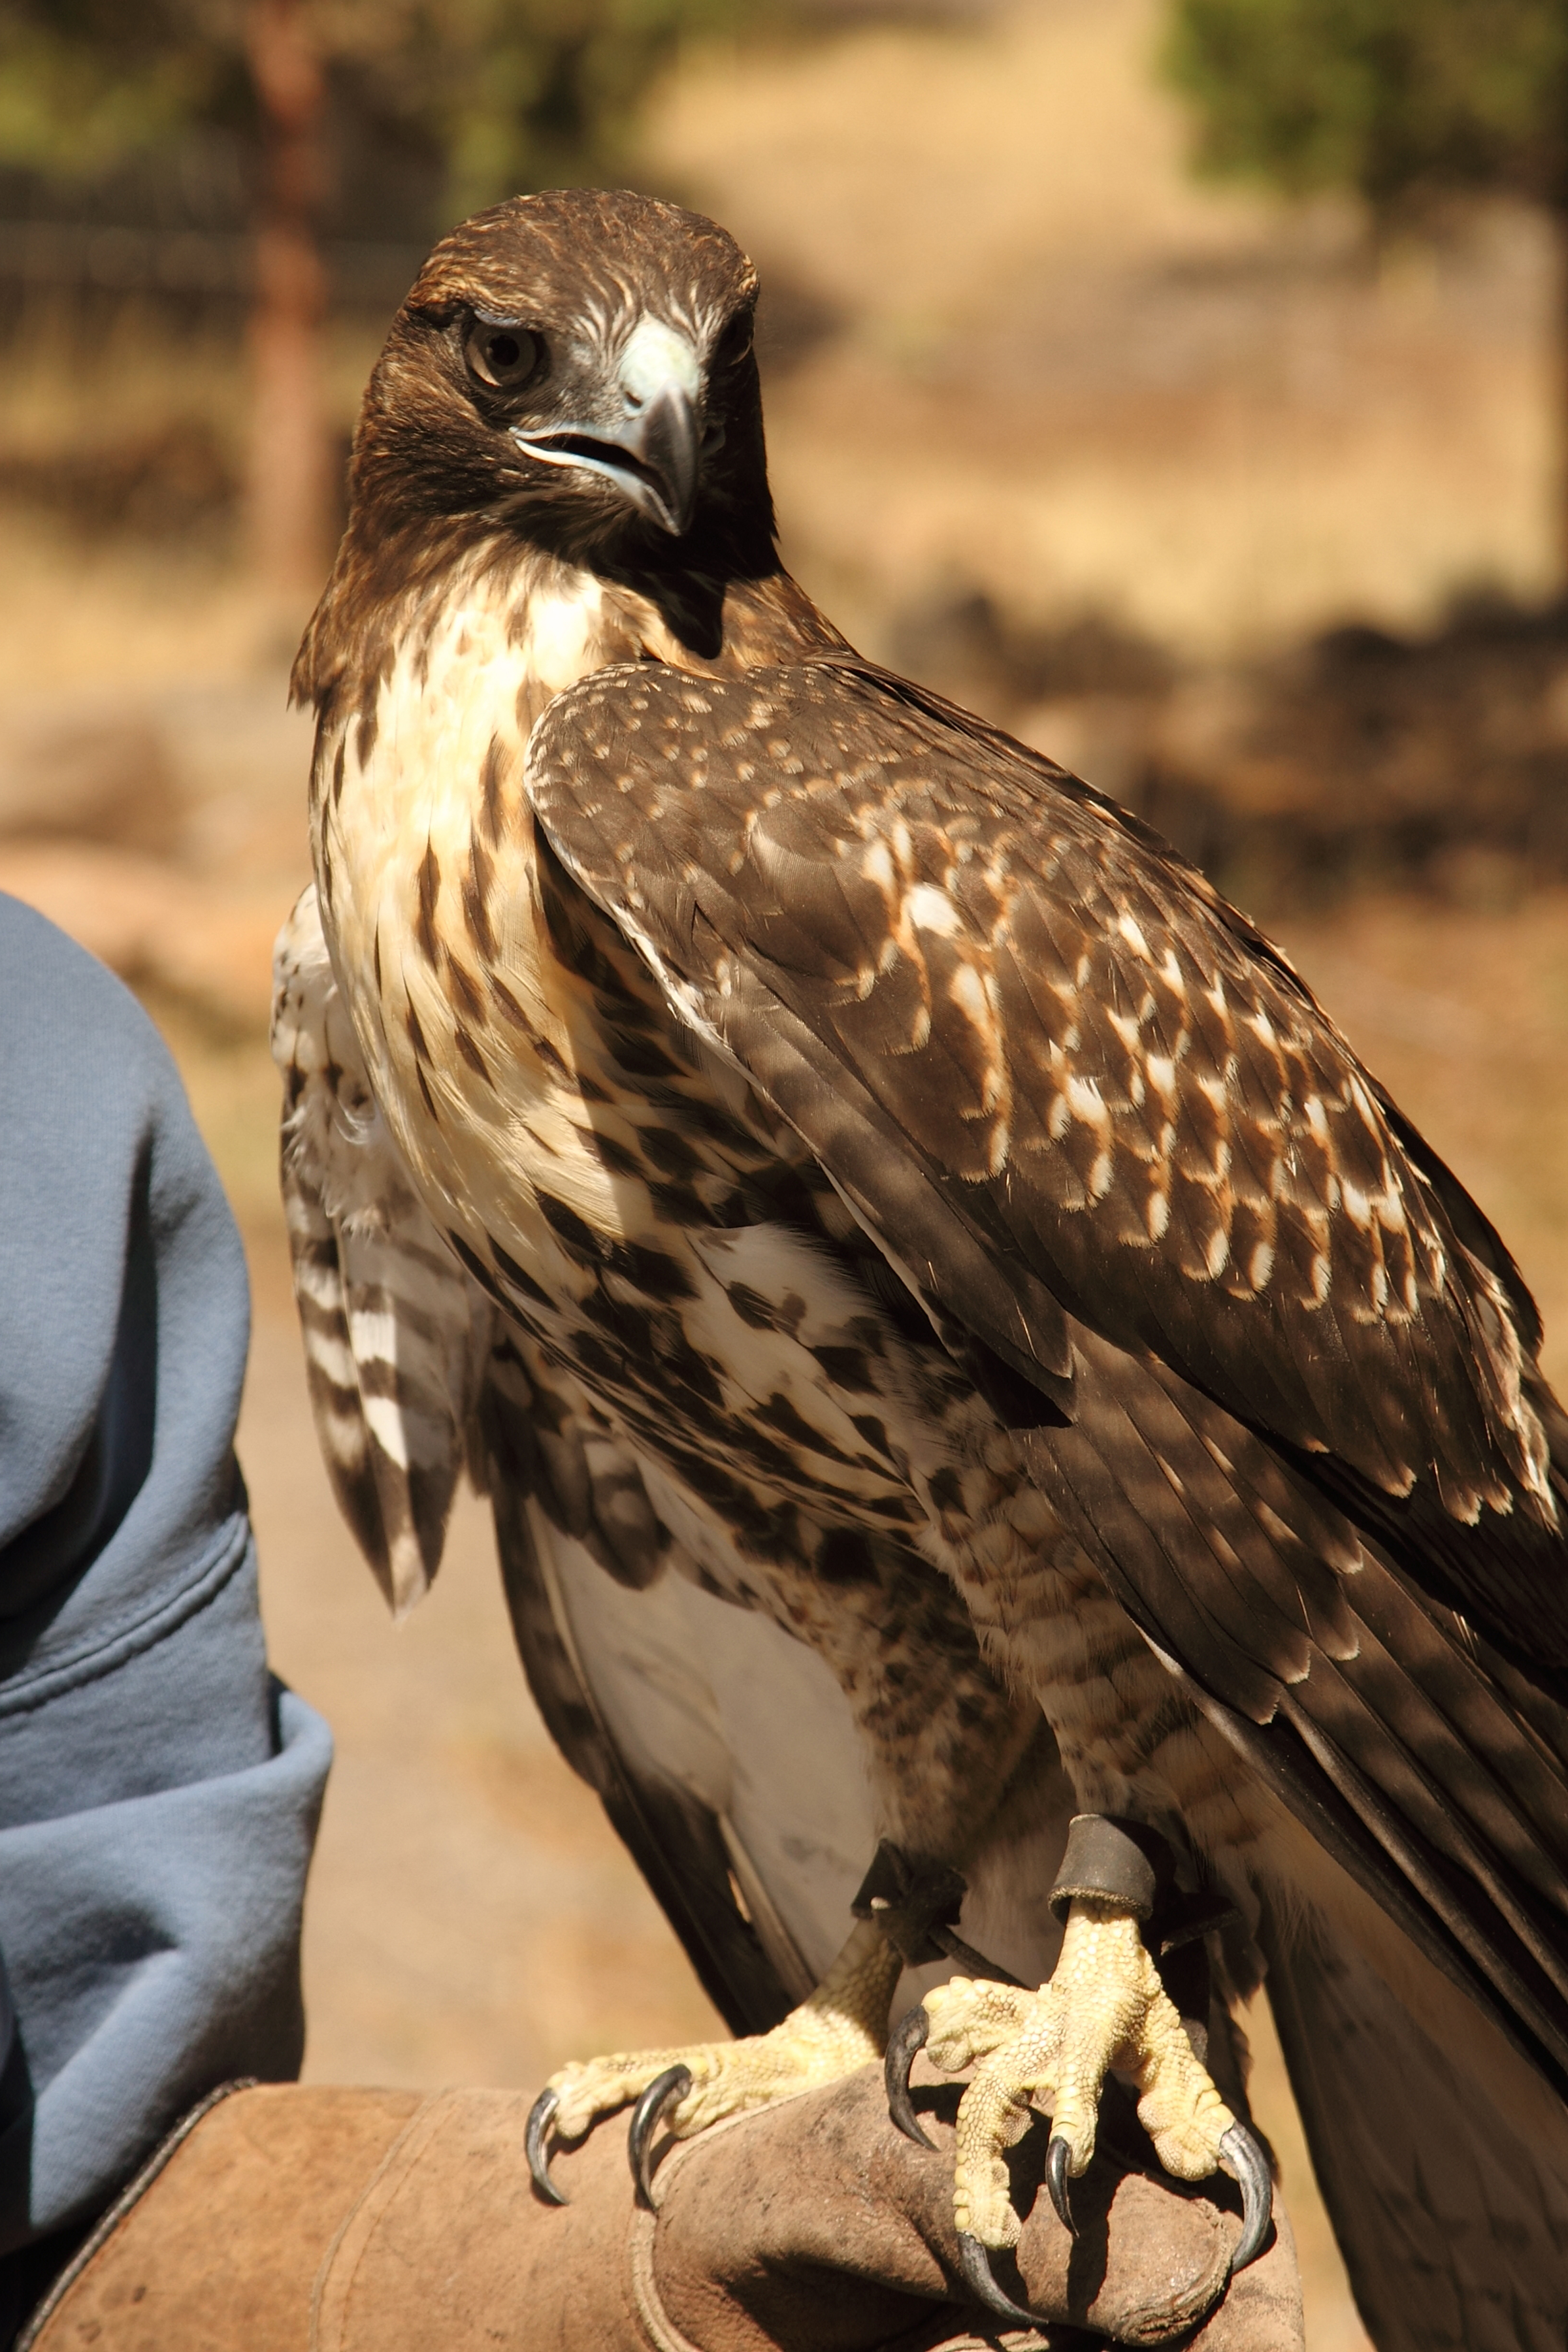 Little Bit (Red-Tailed Hawk)